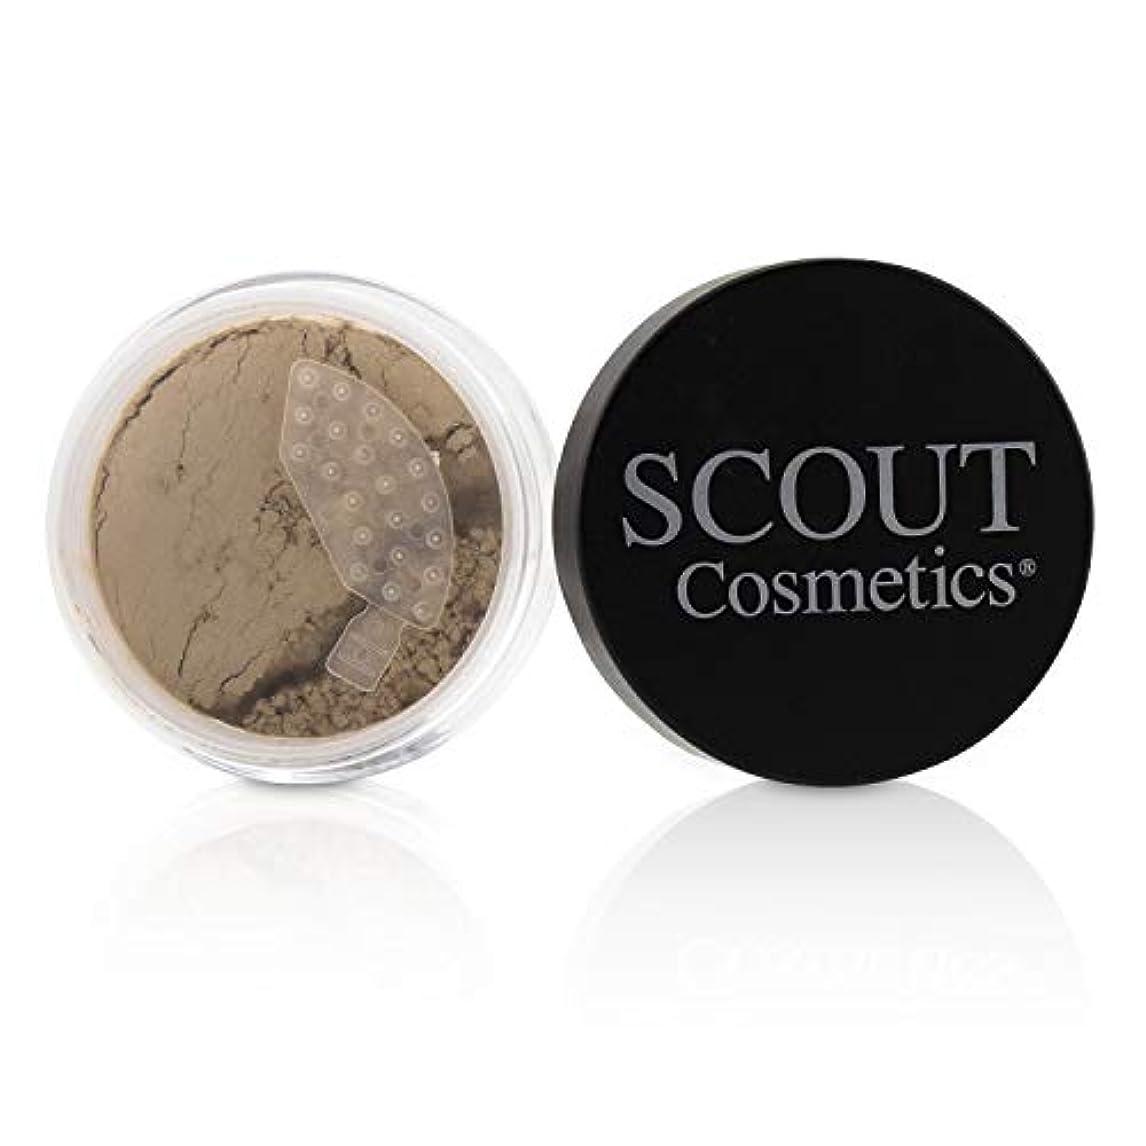 グラフ嵐叙情的なSCOUT Cosmetics Mineral Powder Foundation SPF 20 - # Porcelain 8g/0.28oz並行輸入品